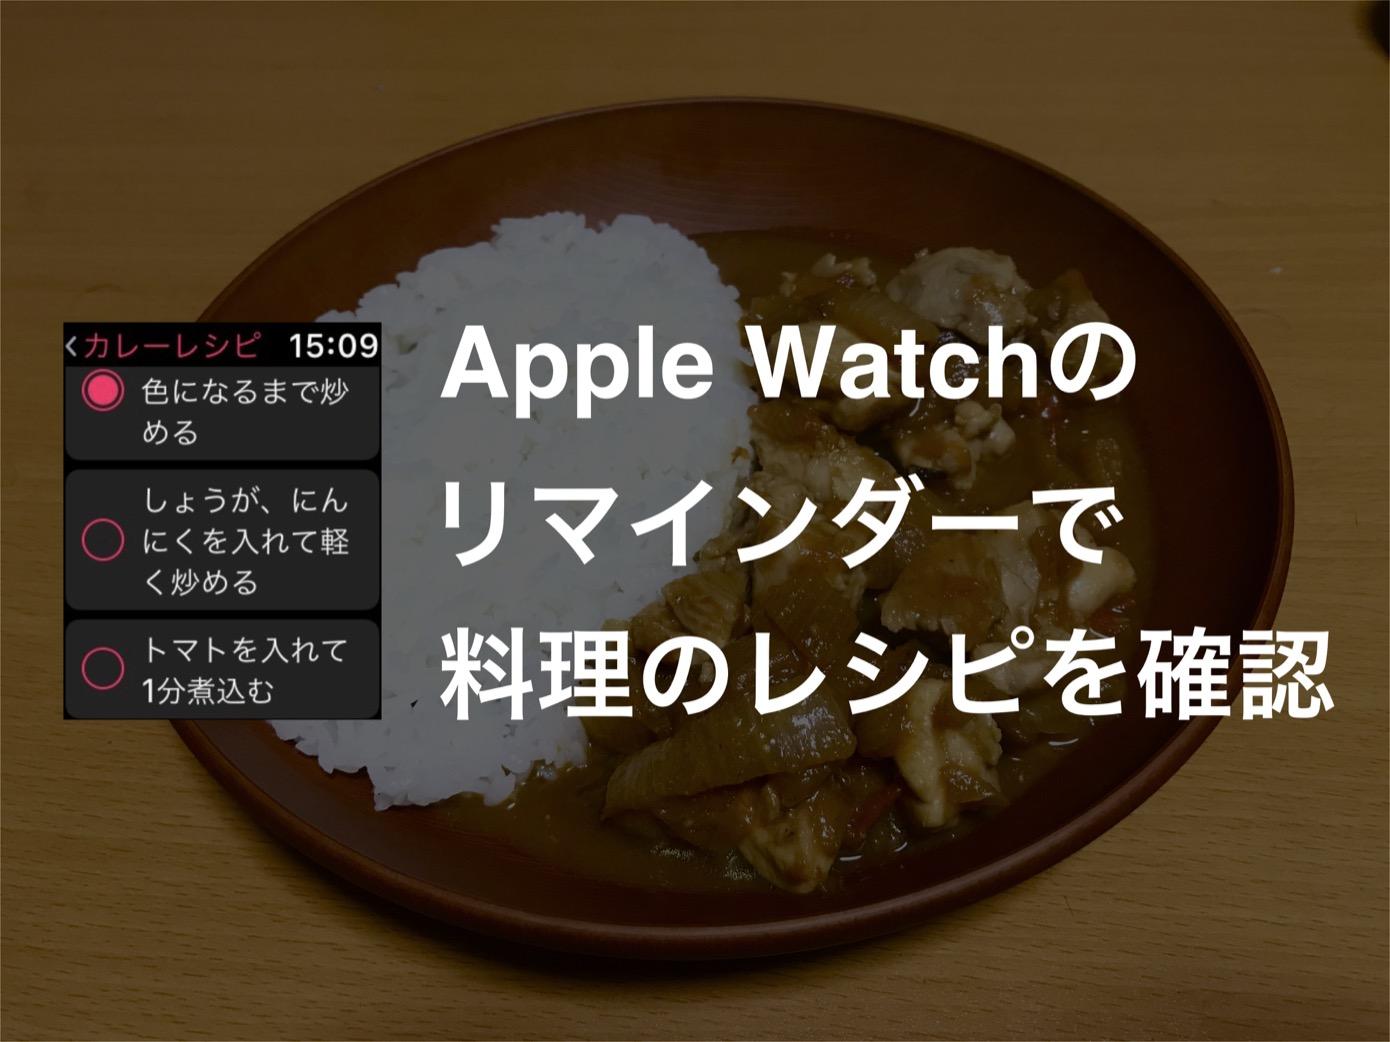 Apple Watchのリマインダーで料理のレシピを確認すると便利